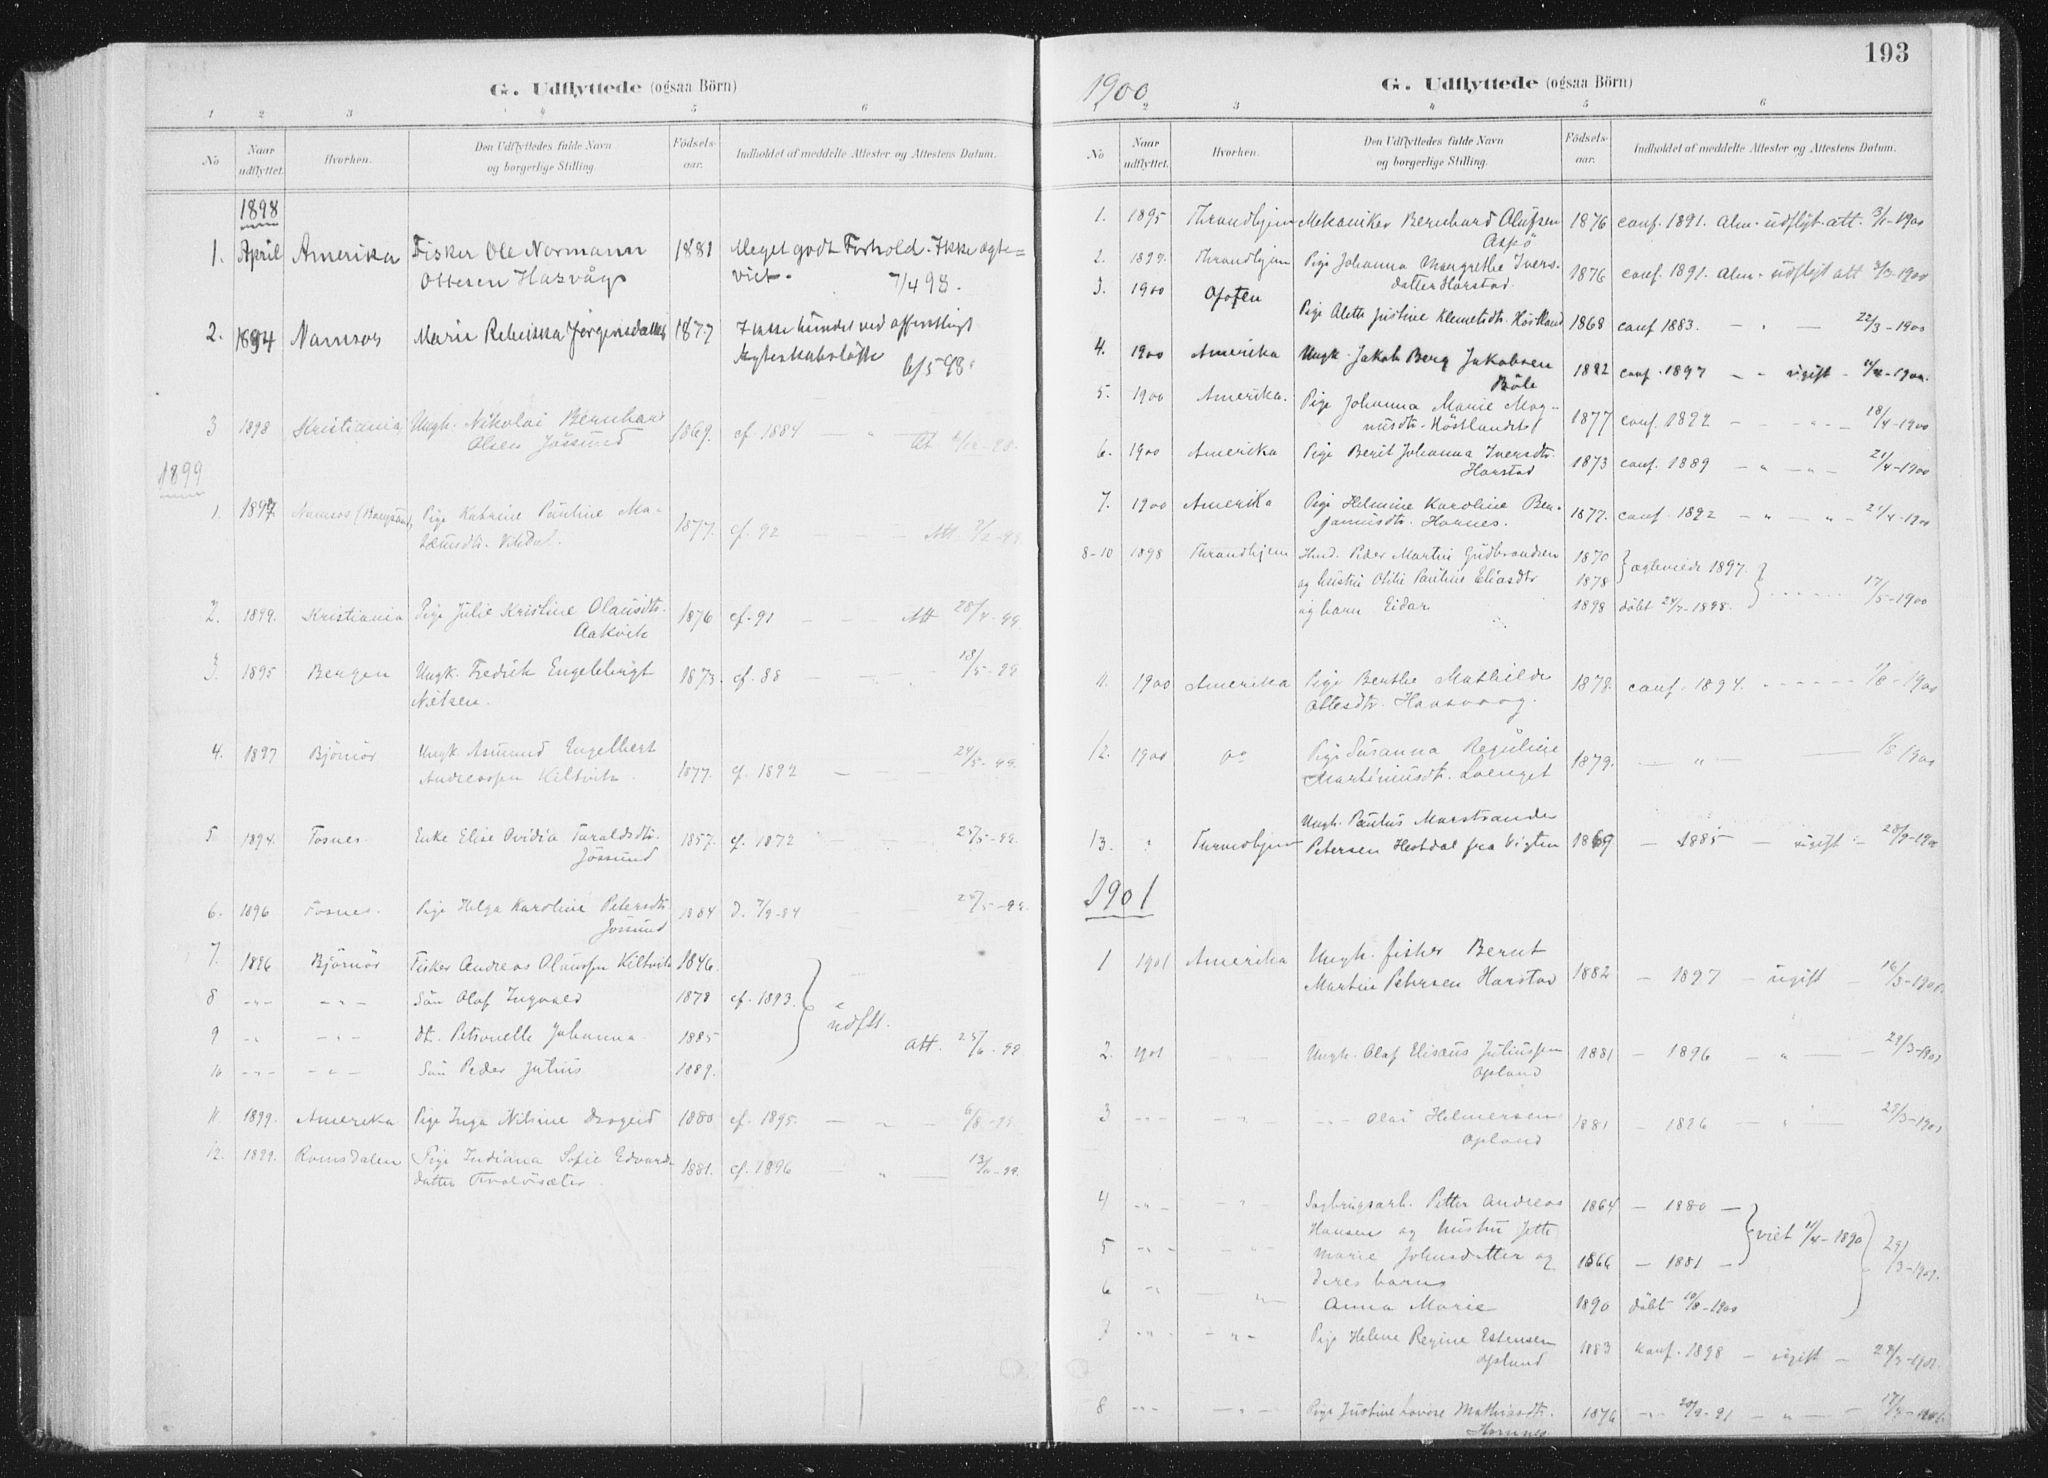 SAT, Ministerialprotokoller, klokkerbøker og fødselsregistre - Nord-Trøndelag, 771/L0597: Ministerialbok nr. 771A04, 1885-1910, s. 193